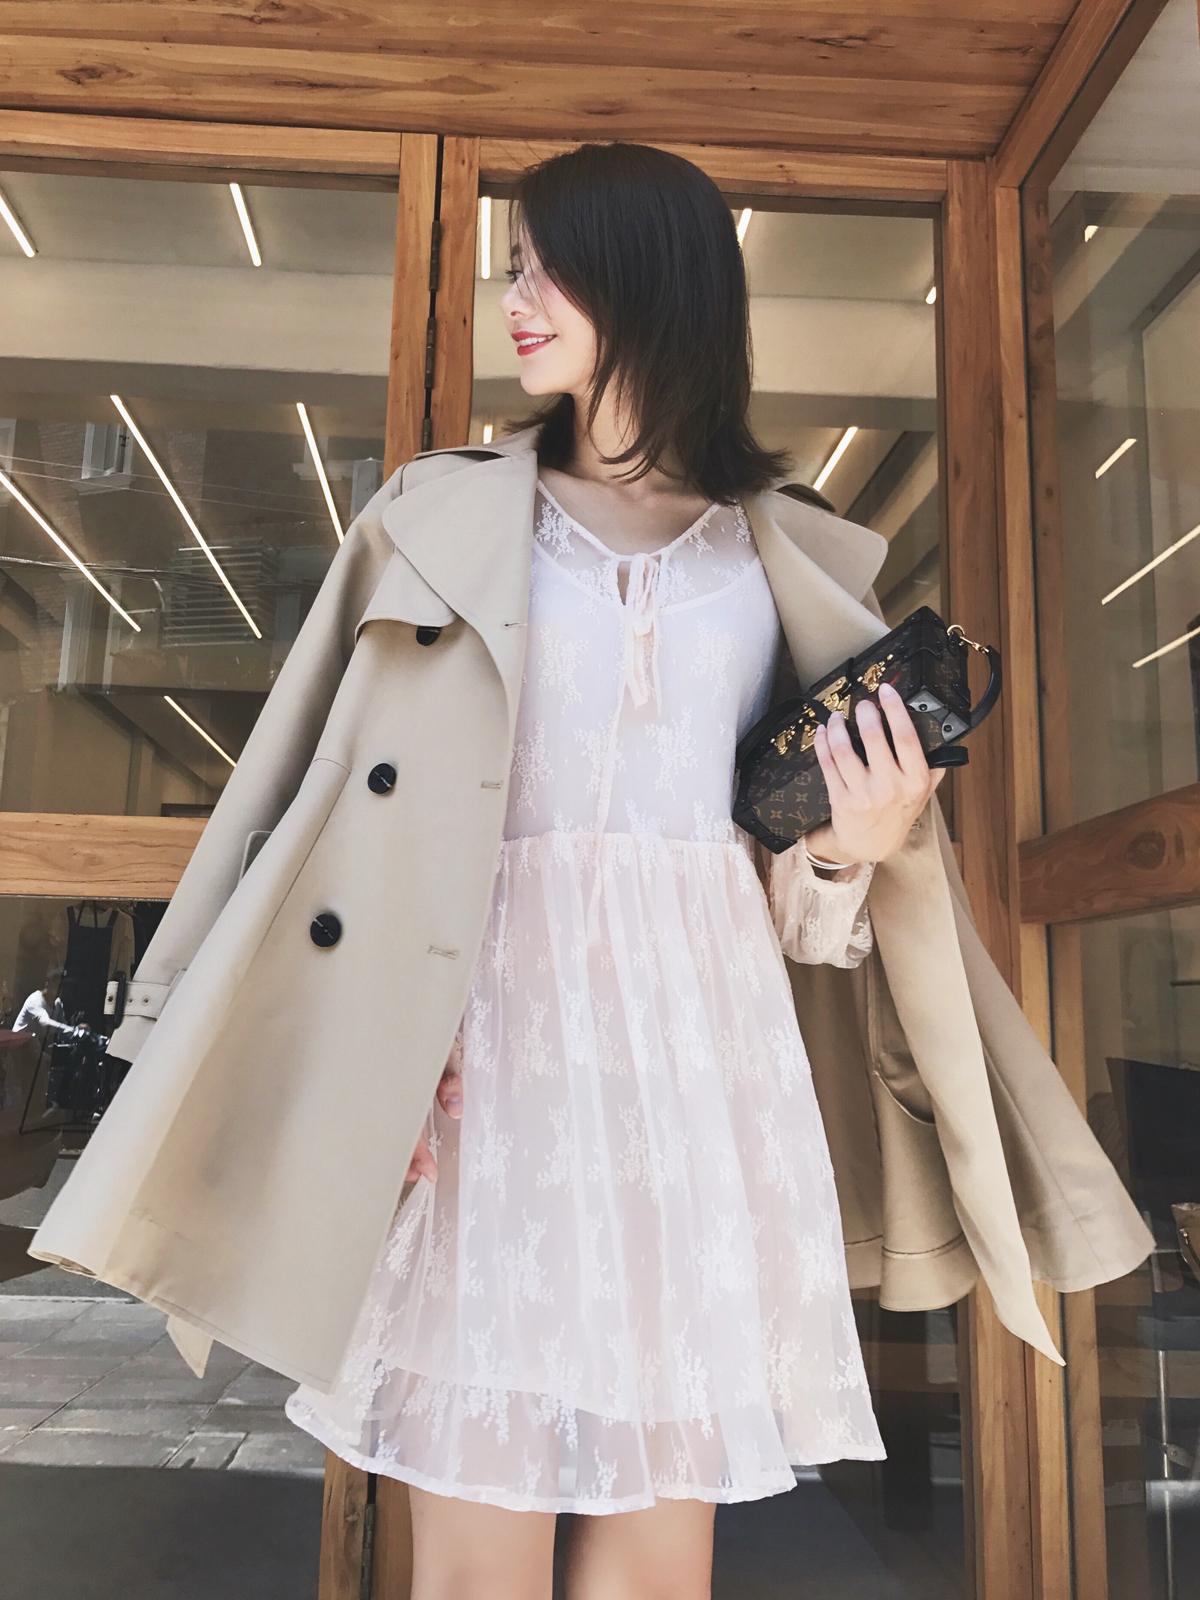 帅气中带点知性小女人的风衣外套来啦~内搭温柔性感的蕾丝连衣裙~真的